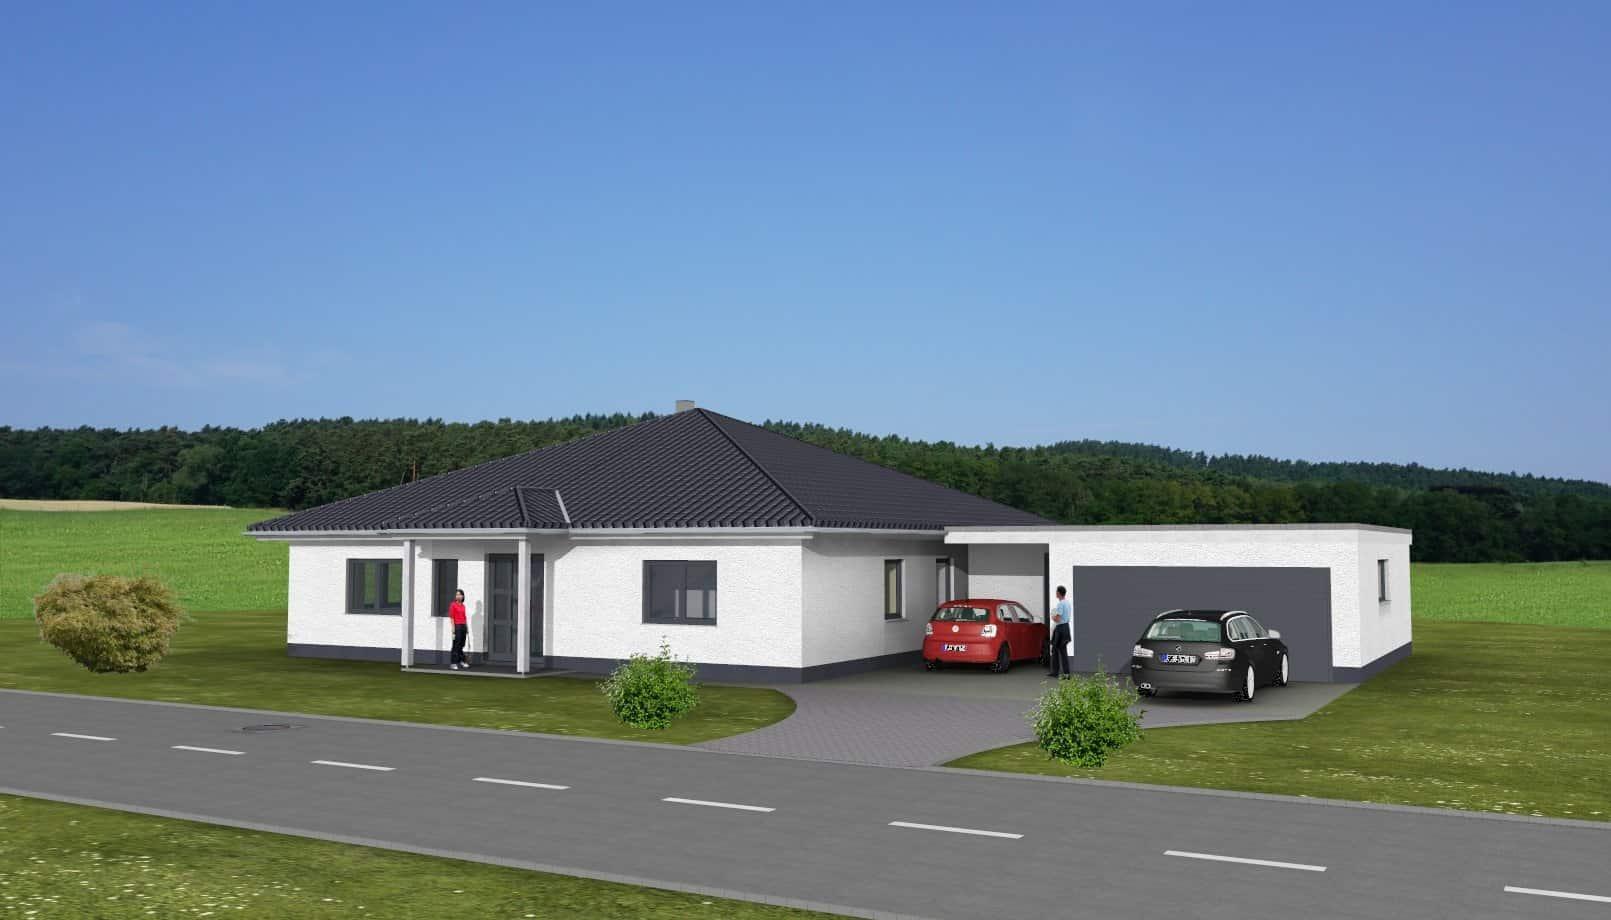 Hervorragend Bungalow mit Garage in 36145 Hofbieber | Massivhausbau made in VG31